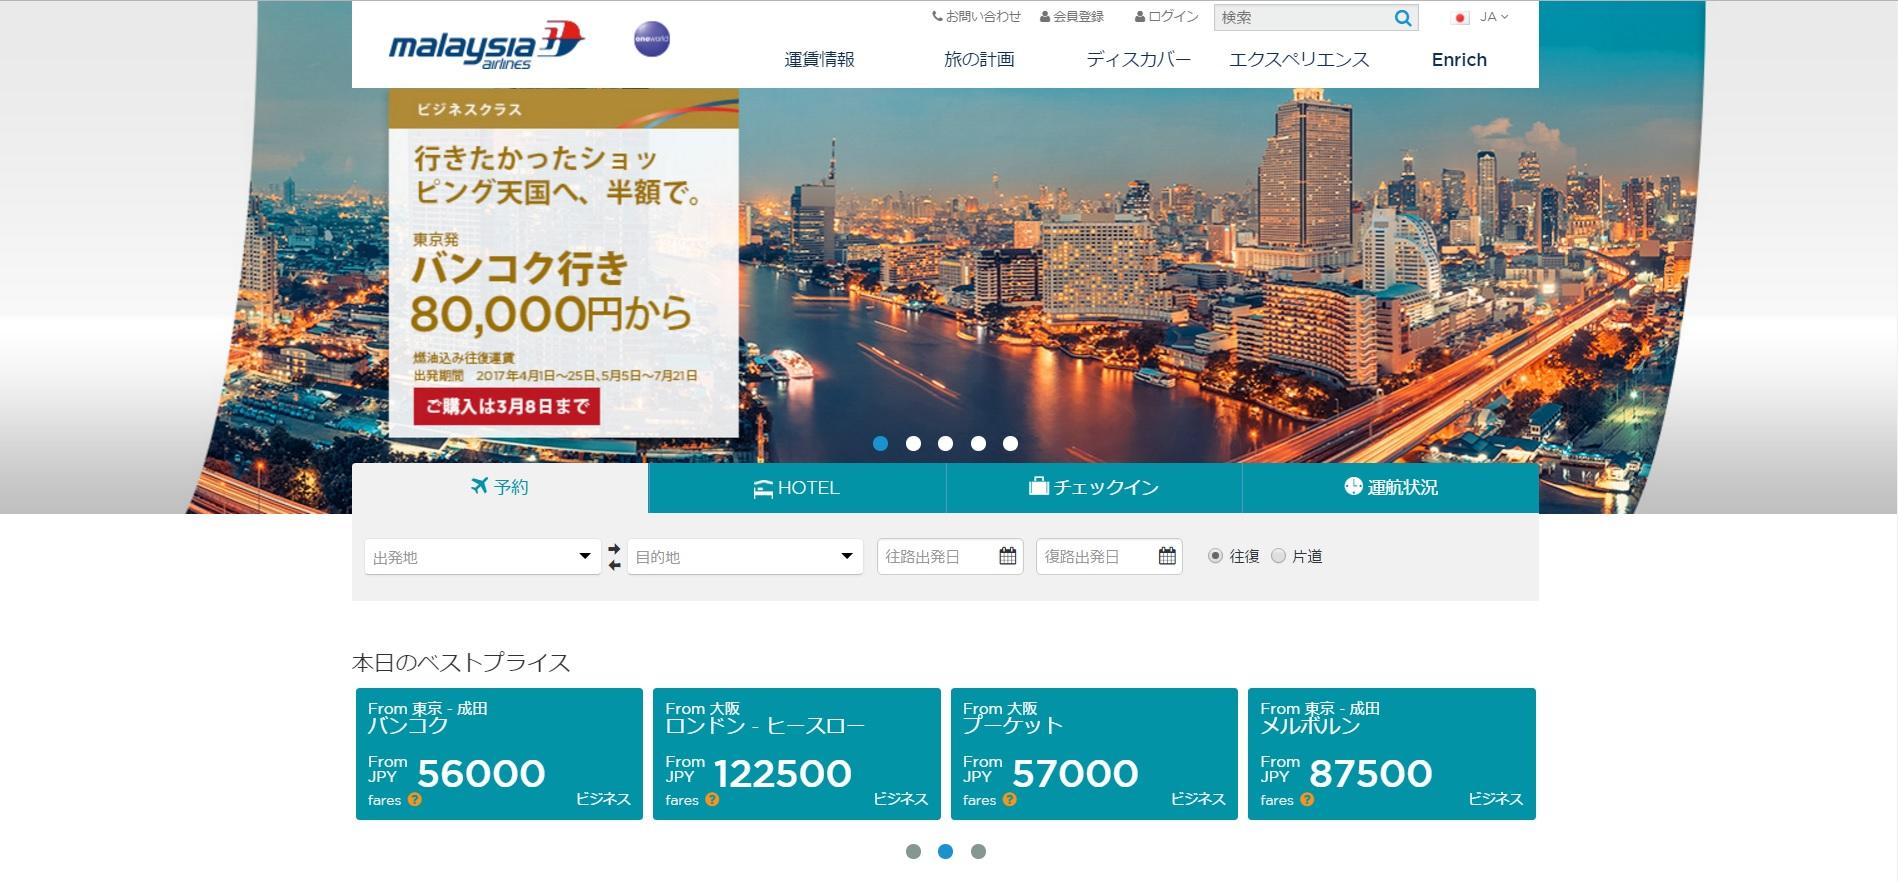 マレーシア航空の格安ビジネスクラスはストップオーバーも可能?